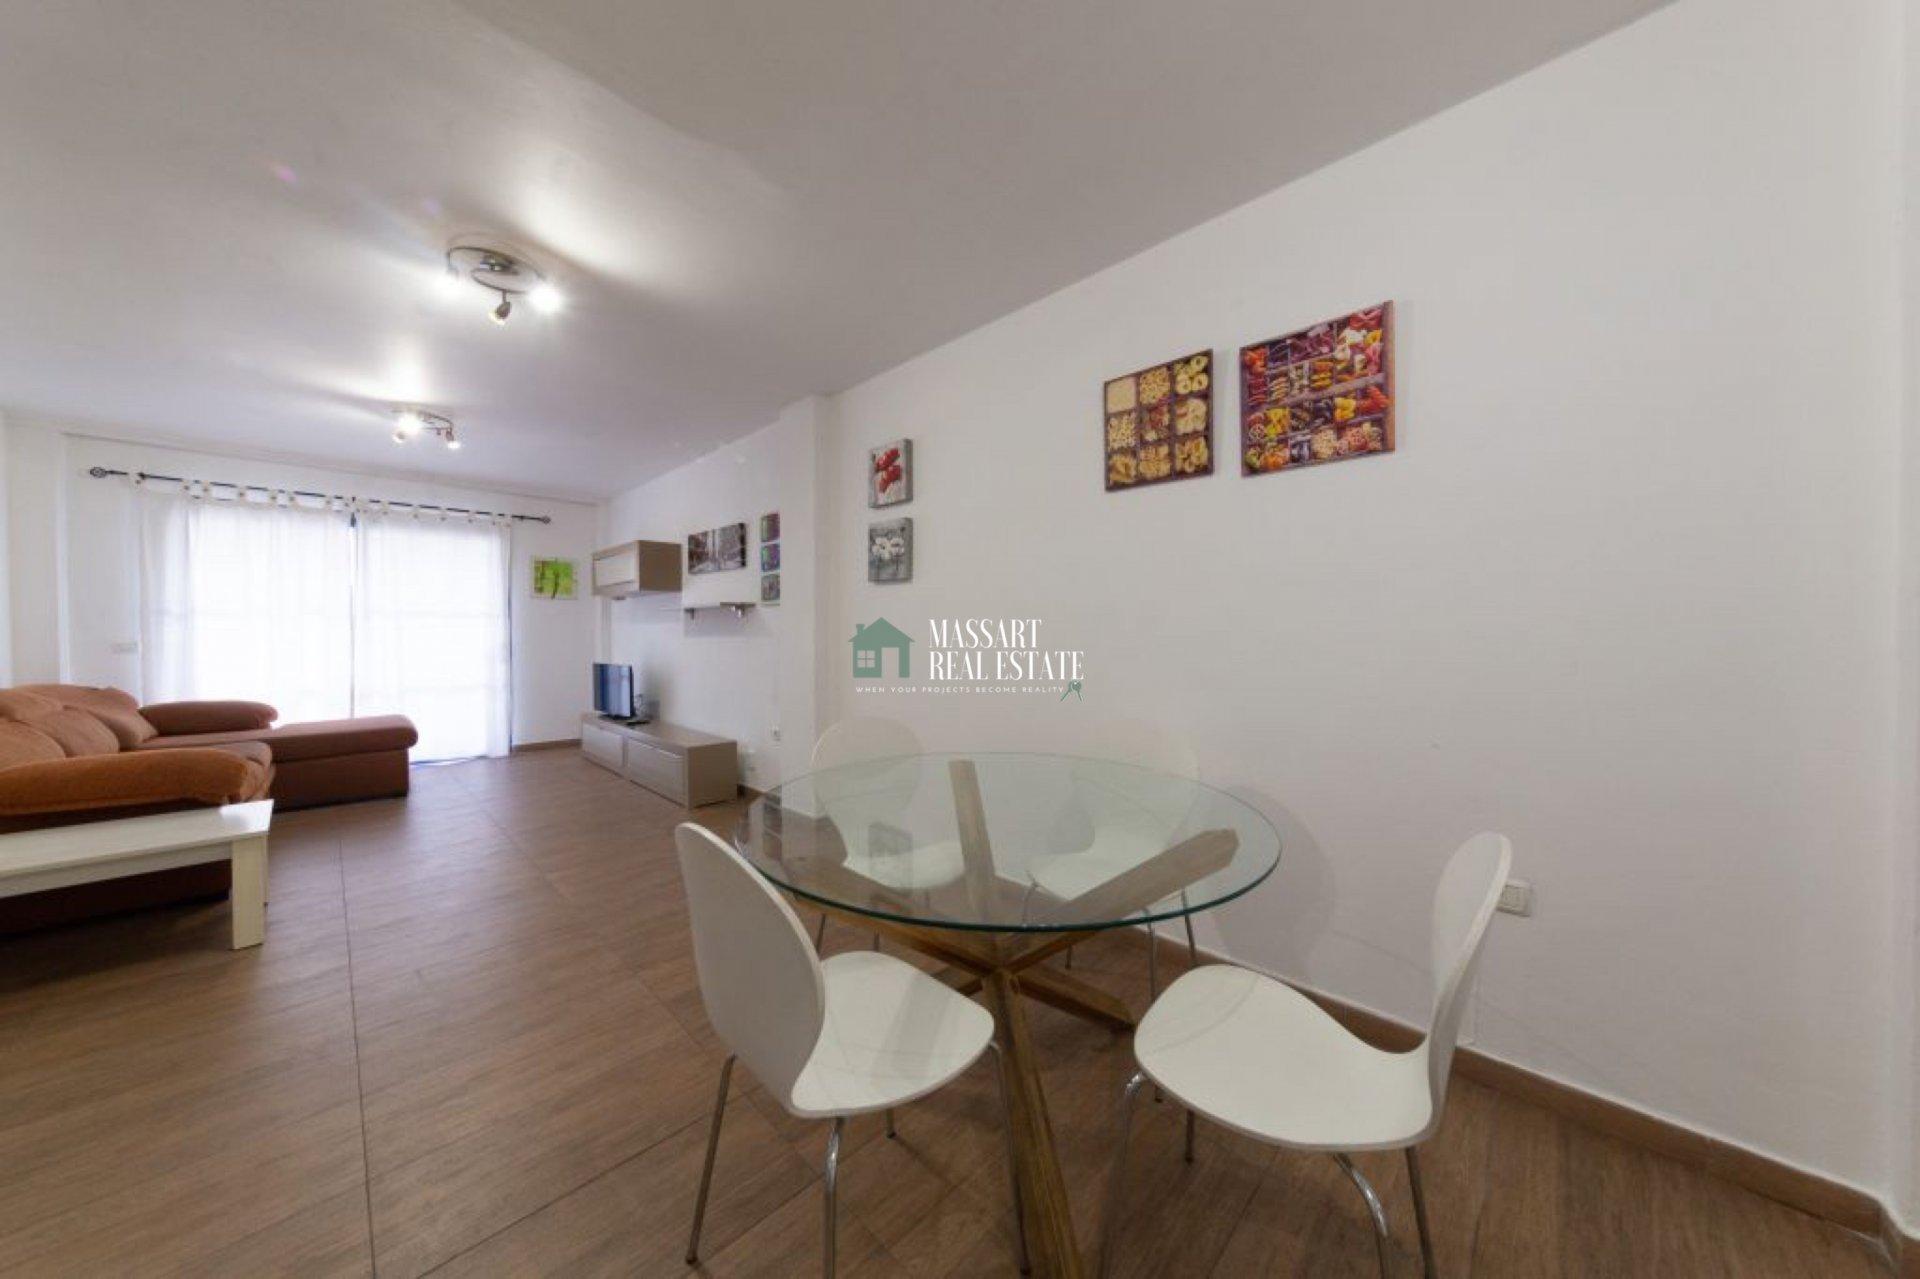 Spacieux appartement de 67 m2 entièrement rénové et meublé situé au centre d'Adeje.